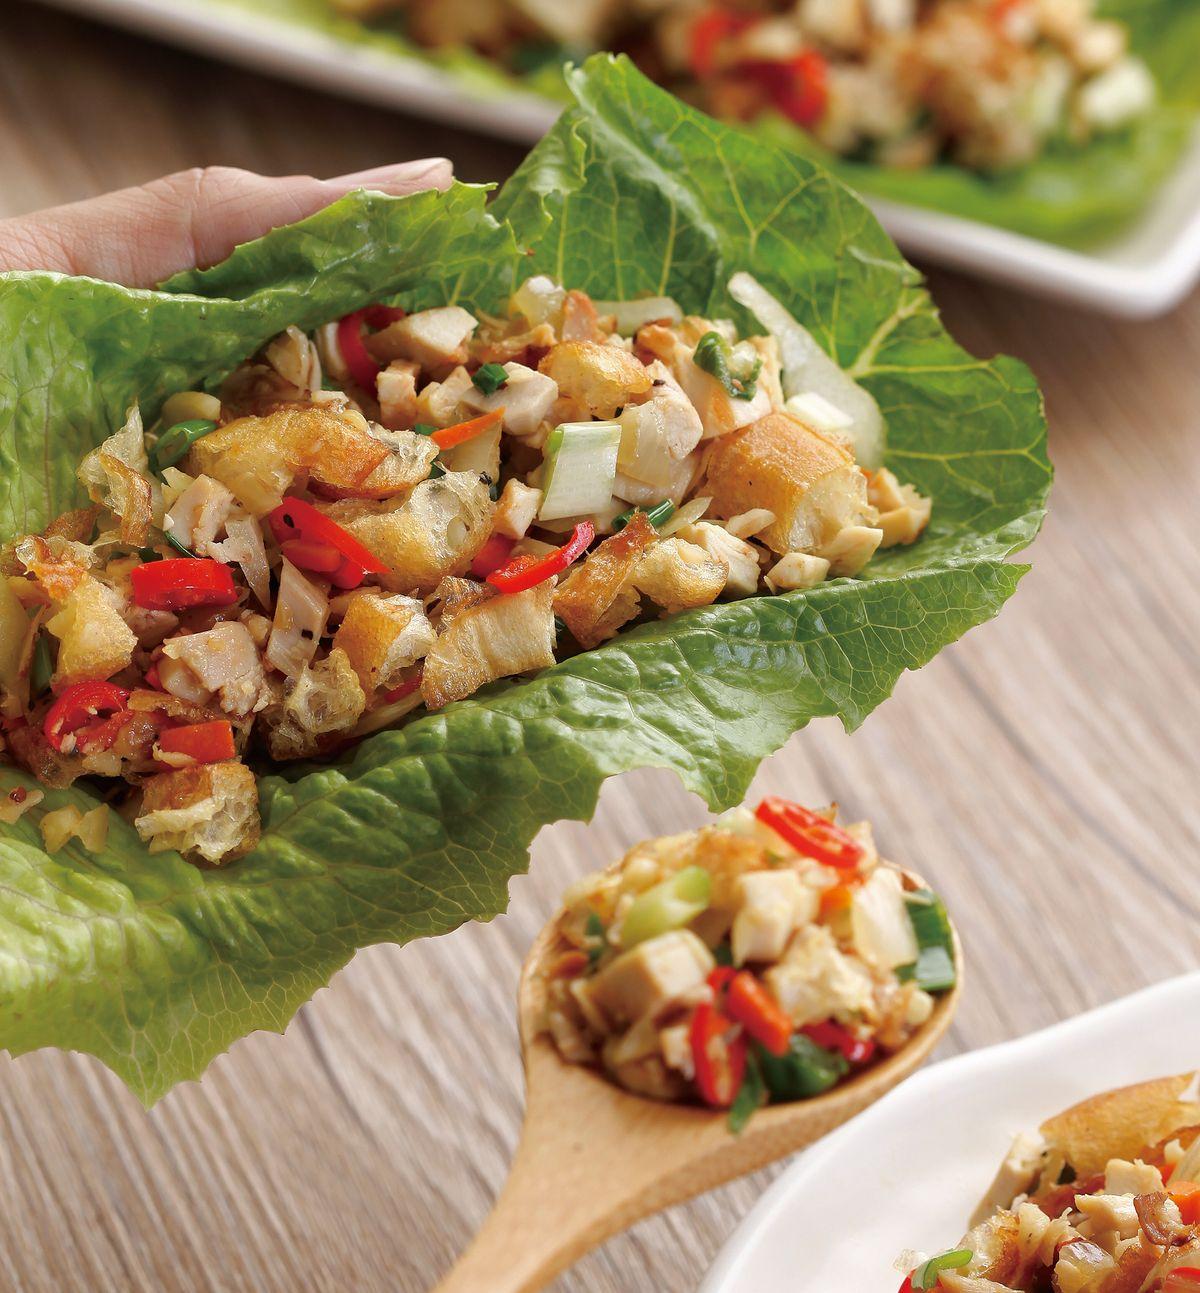 食譜:烤雞蔬菜鬆